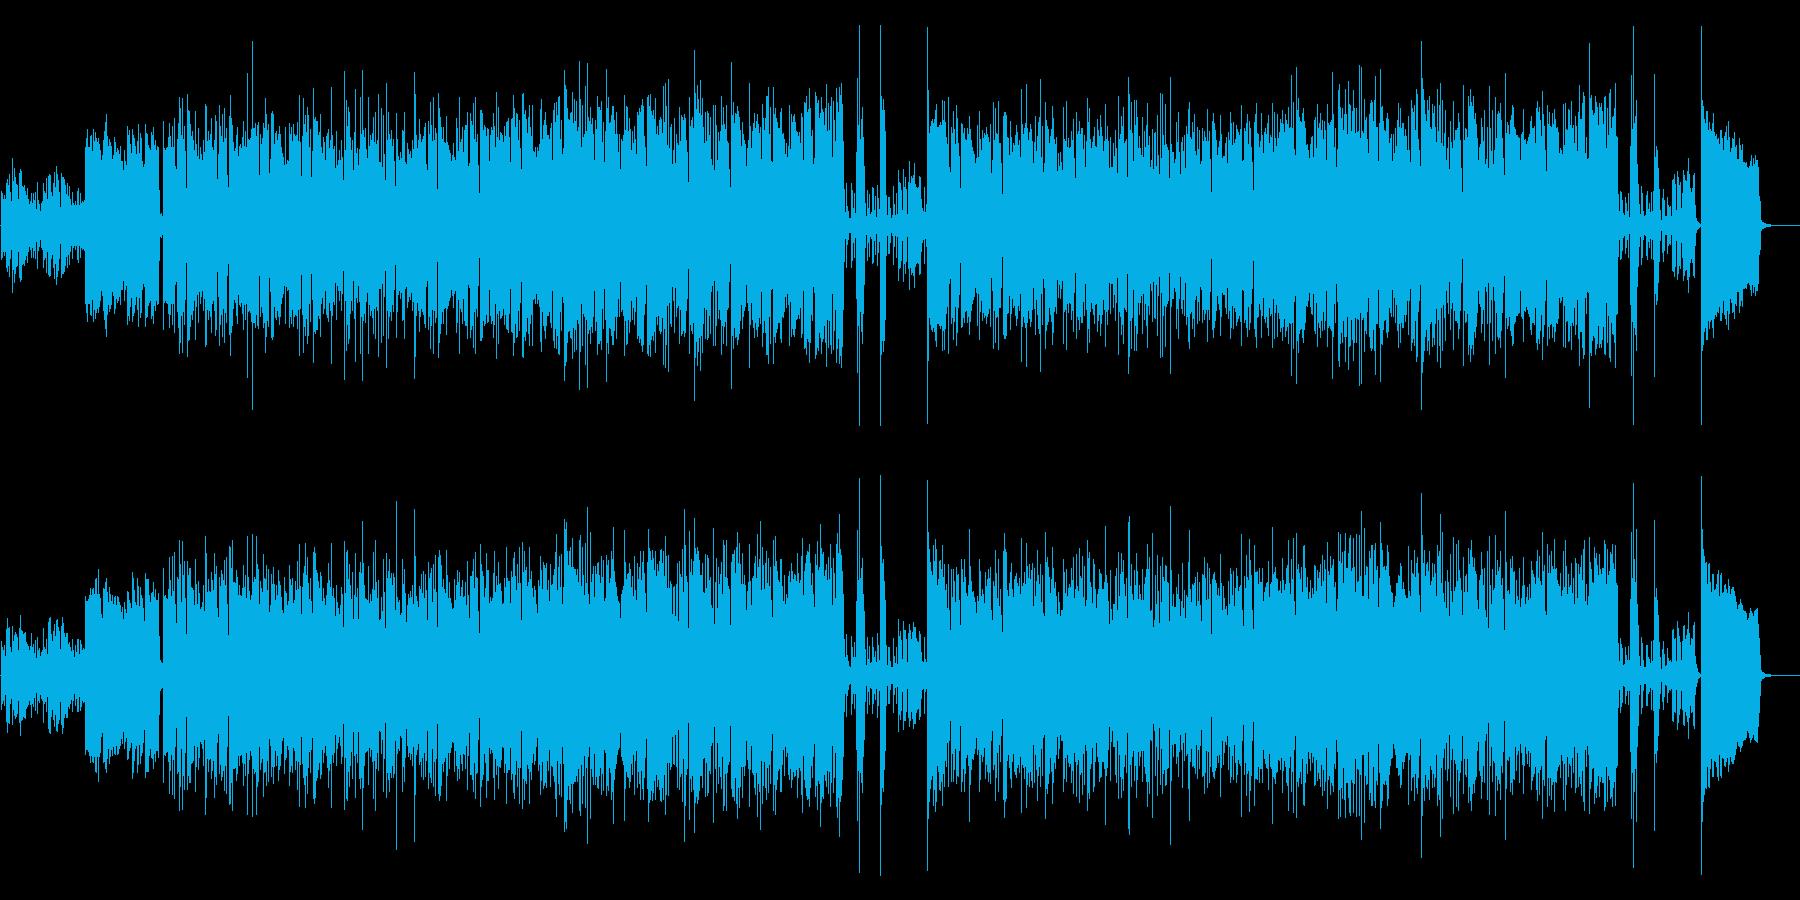 【ポップ】明るい・日常・ファンクの再生済みの波形